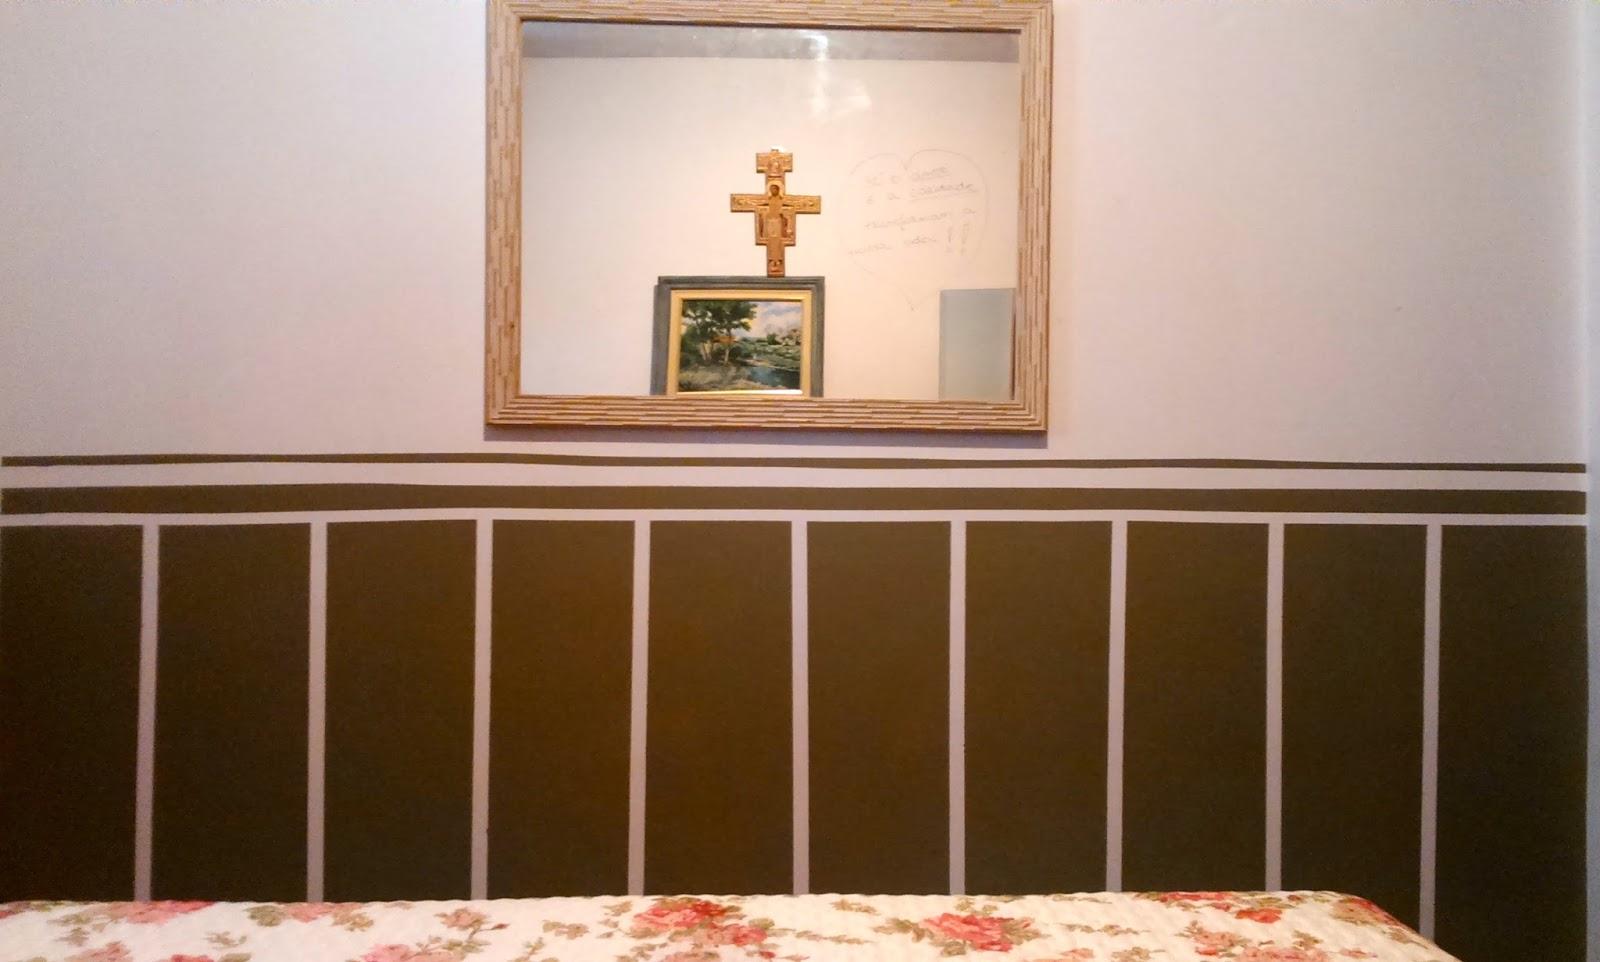 Blog art stico pintura desenho poesia fotografia - Pintura de pared ...